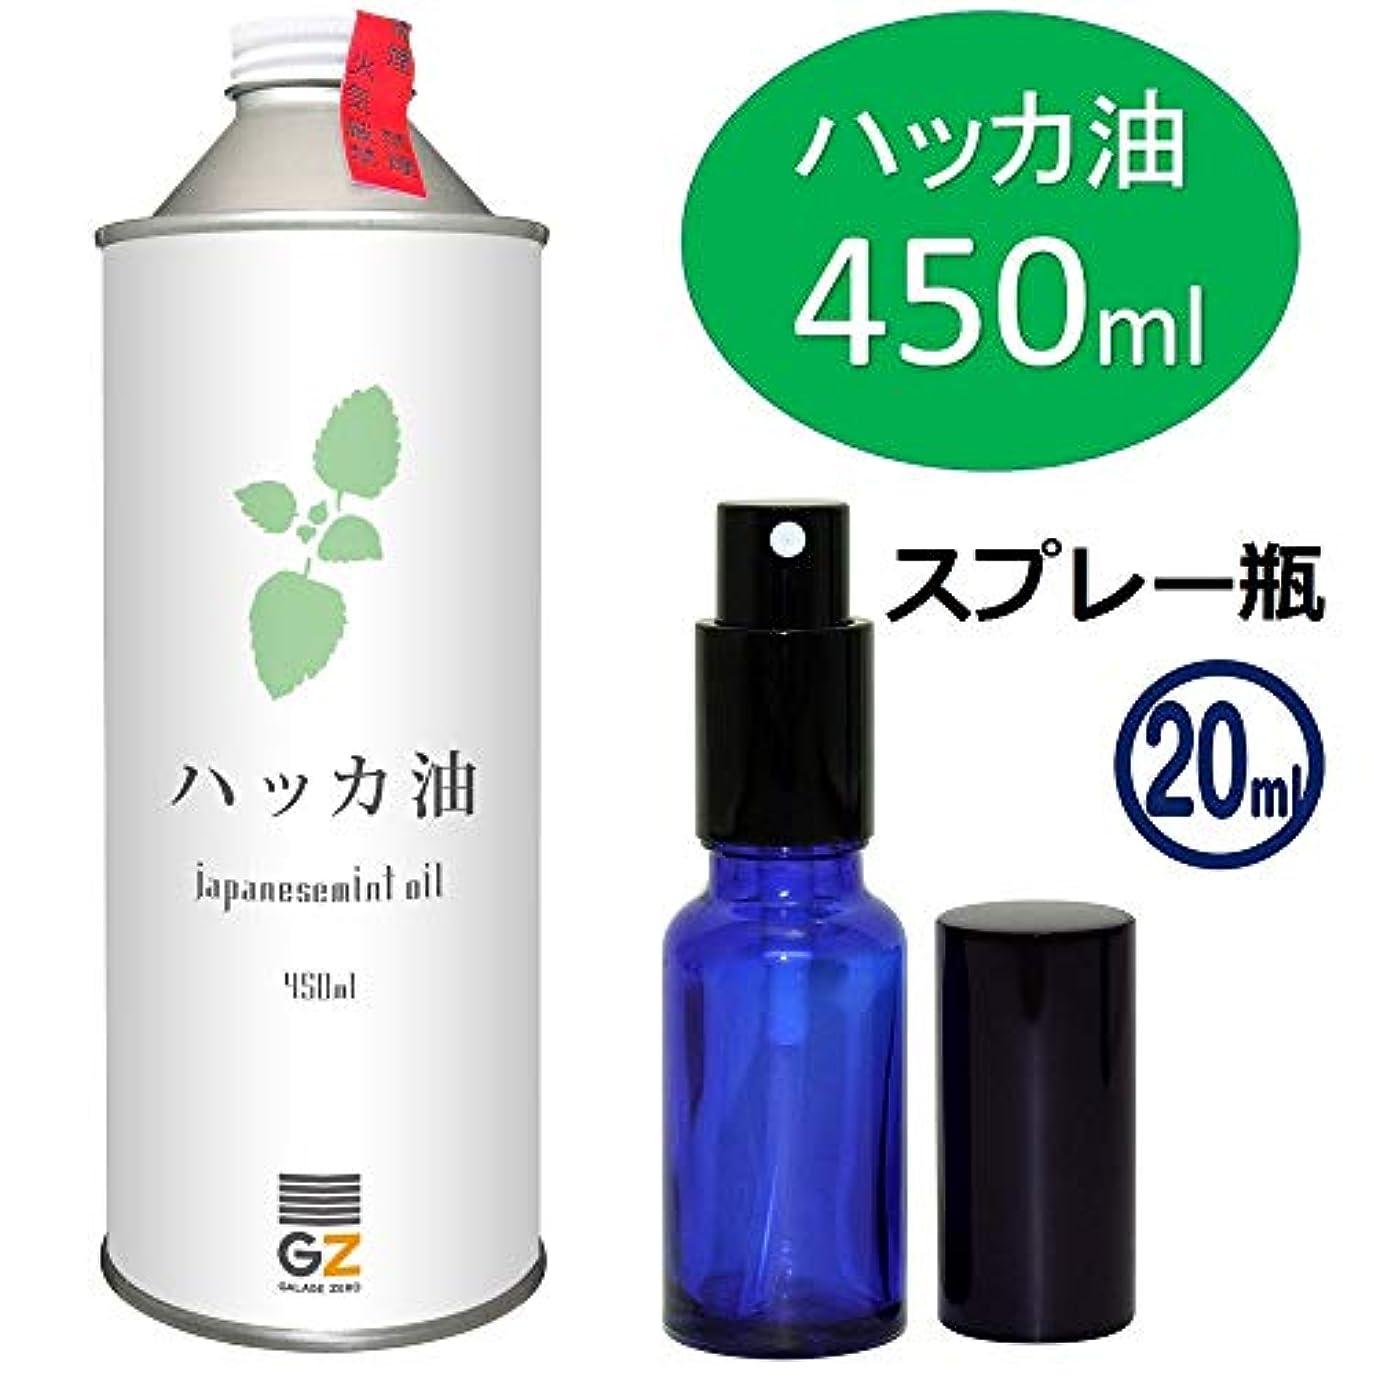 姉妹ビートエキゾチックガレージ?ゼロ ハッカ油 450ml(GZAK13)+ガラス瓶 スプレーボトル20ml/和種薄荷/ジャパニーズミント GSE534